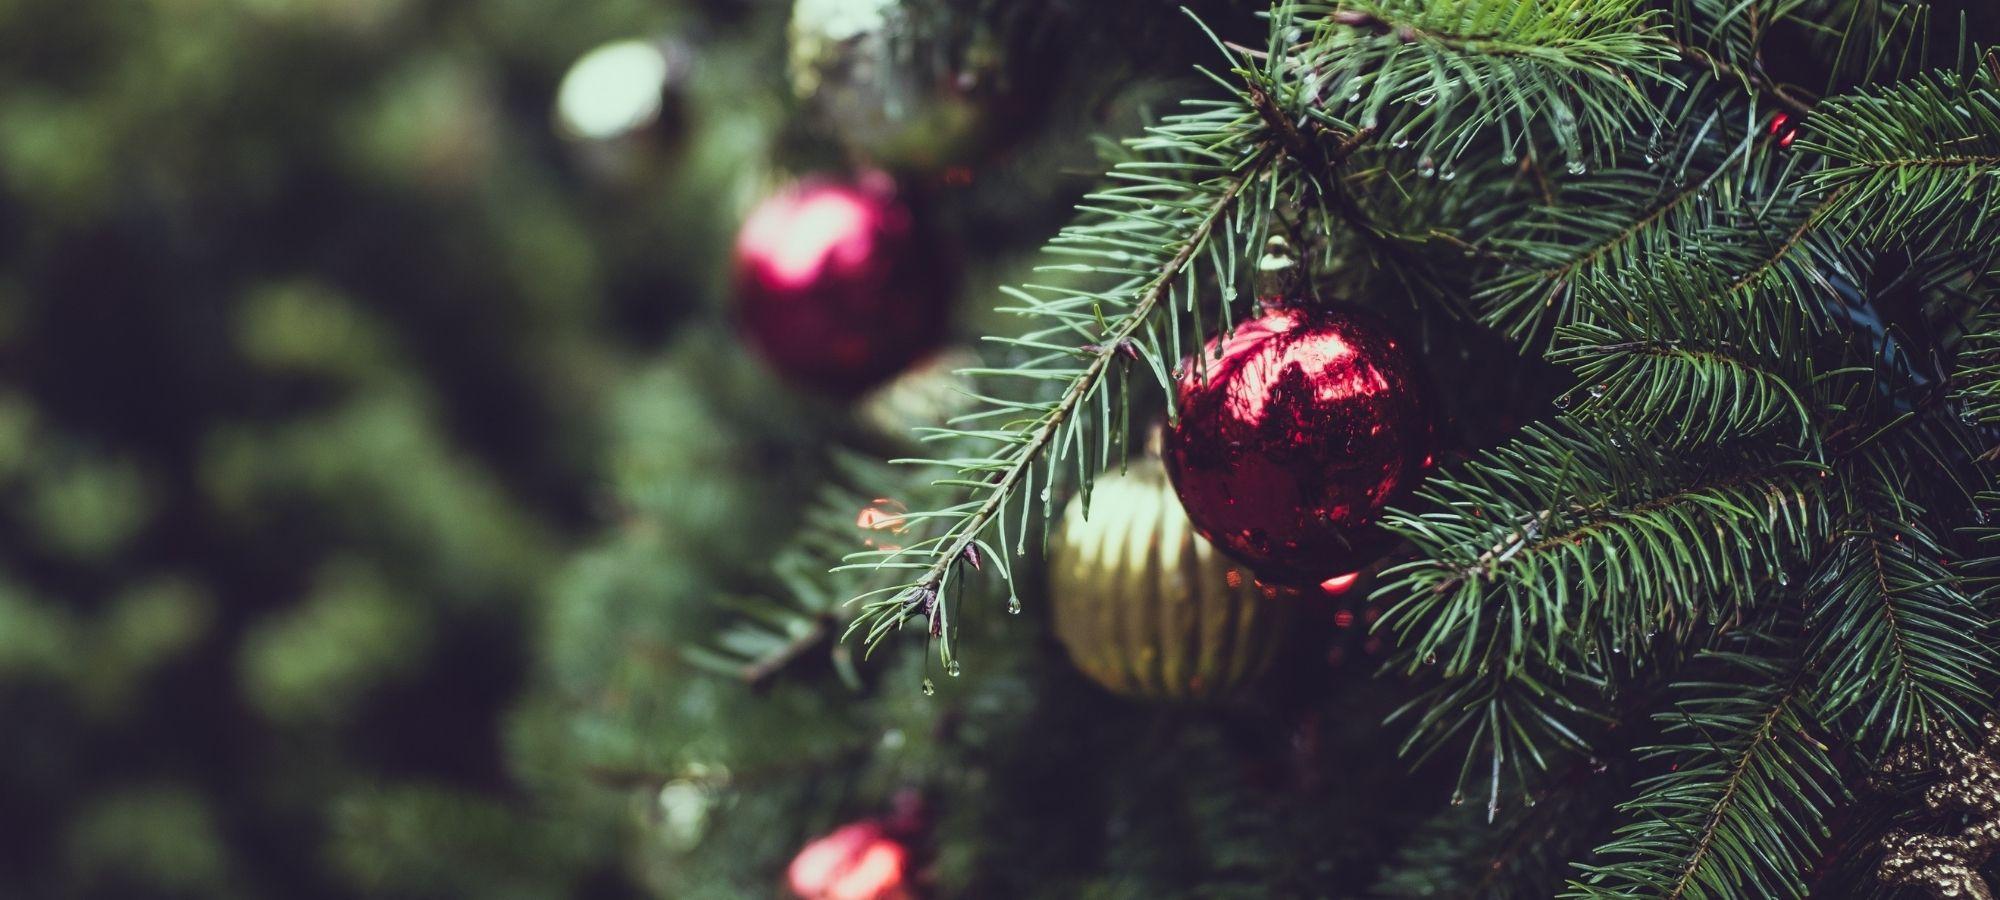 Las mejores canciones navideñas en inglés para jugar de fiesta